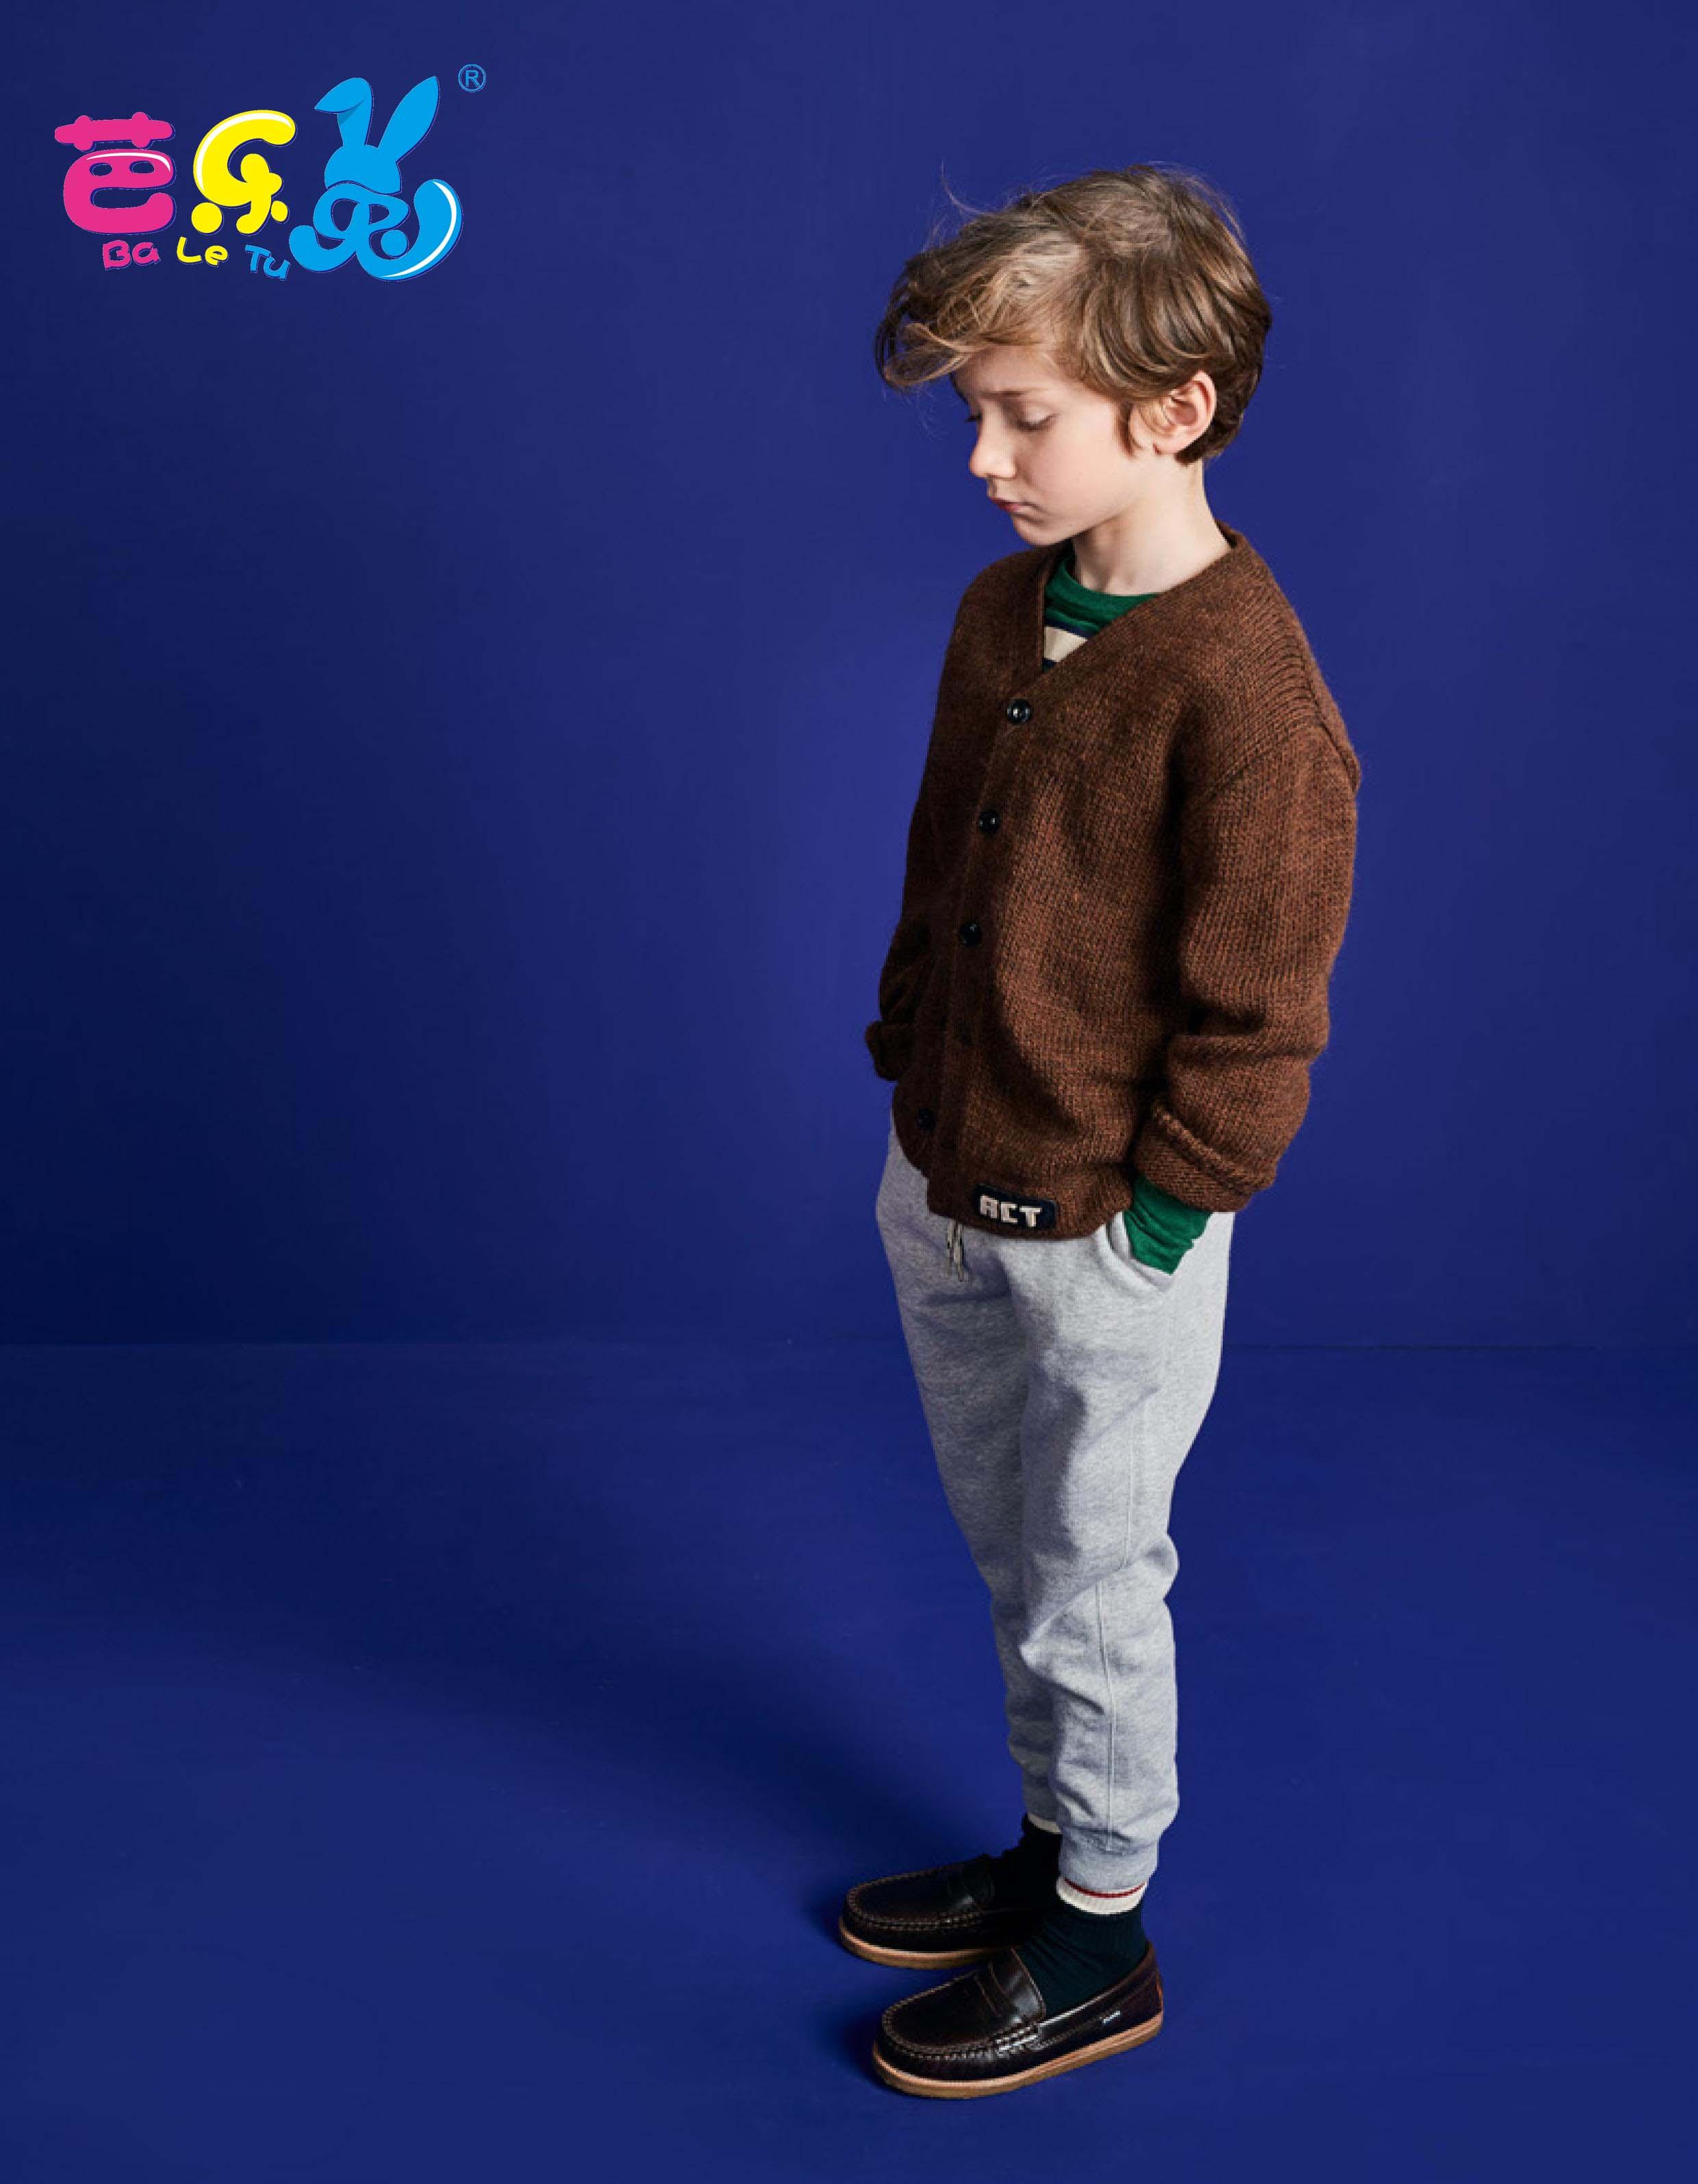 芭乐兔童装品牌,深受广大消费者的认可和支持